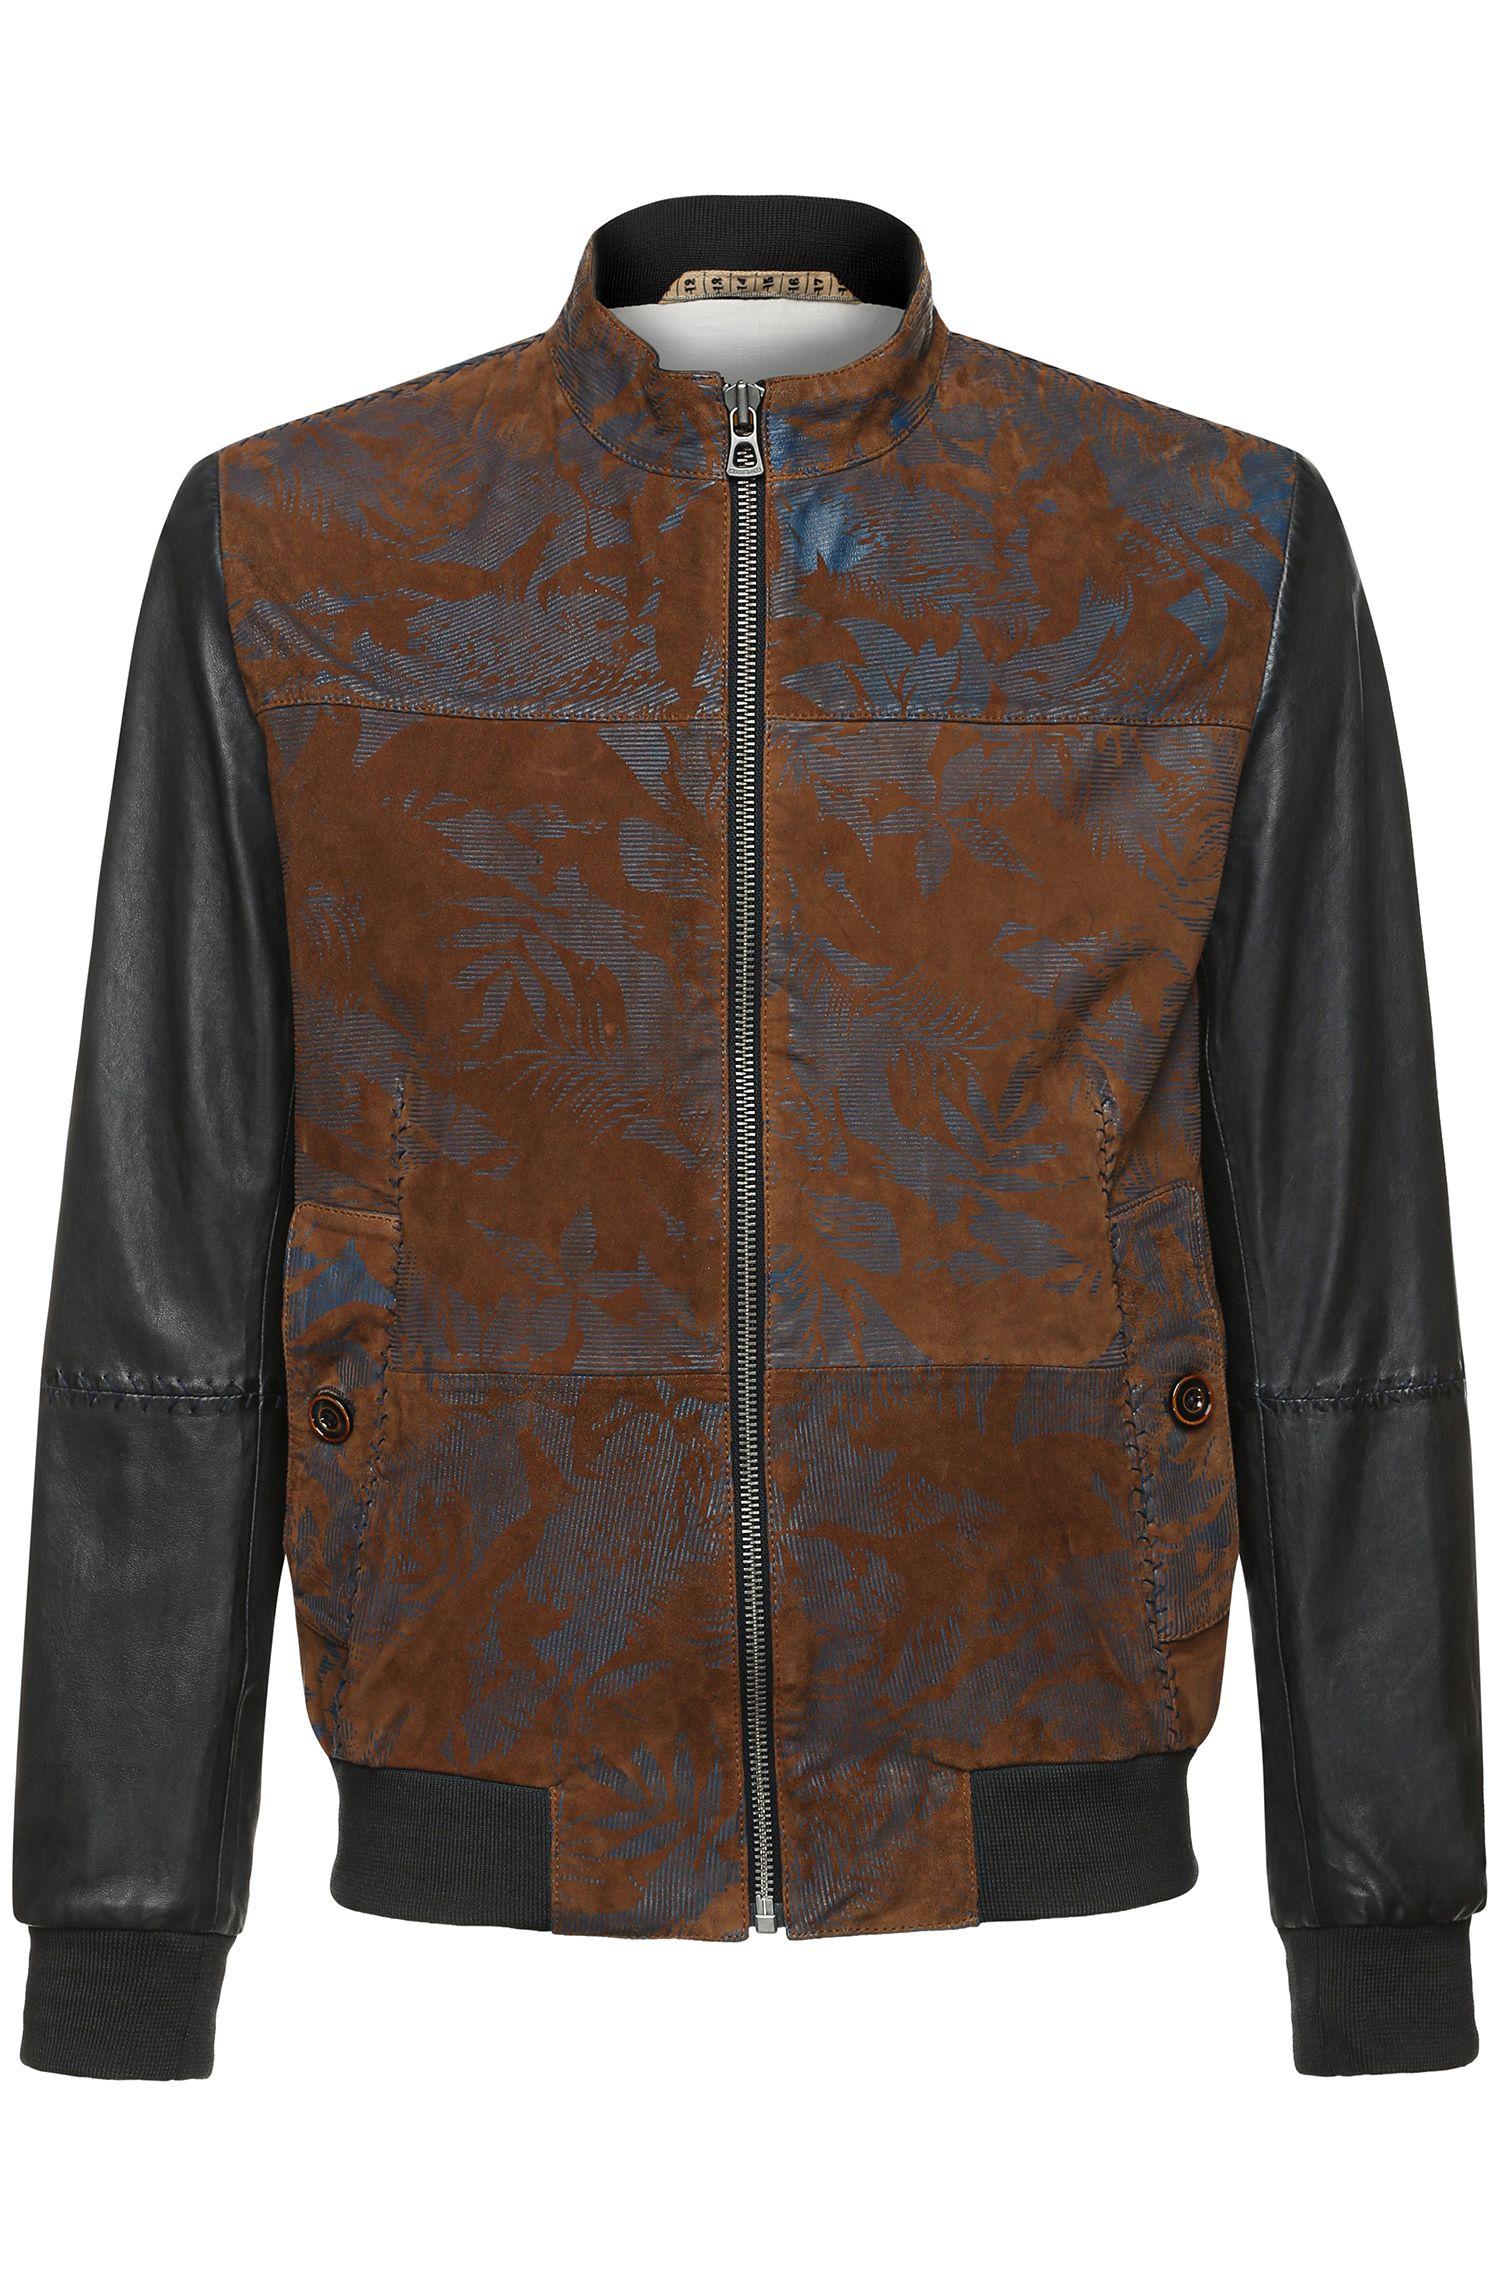 'Jalboa_H' | Goat Suede, Leather Bomber Jacket